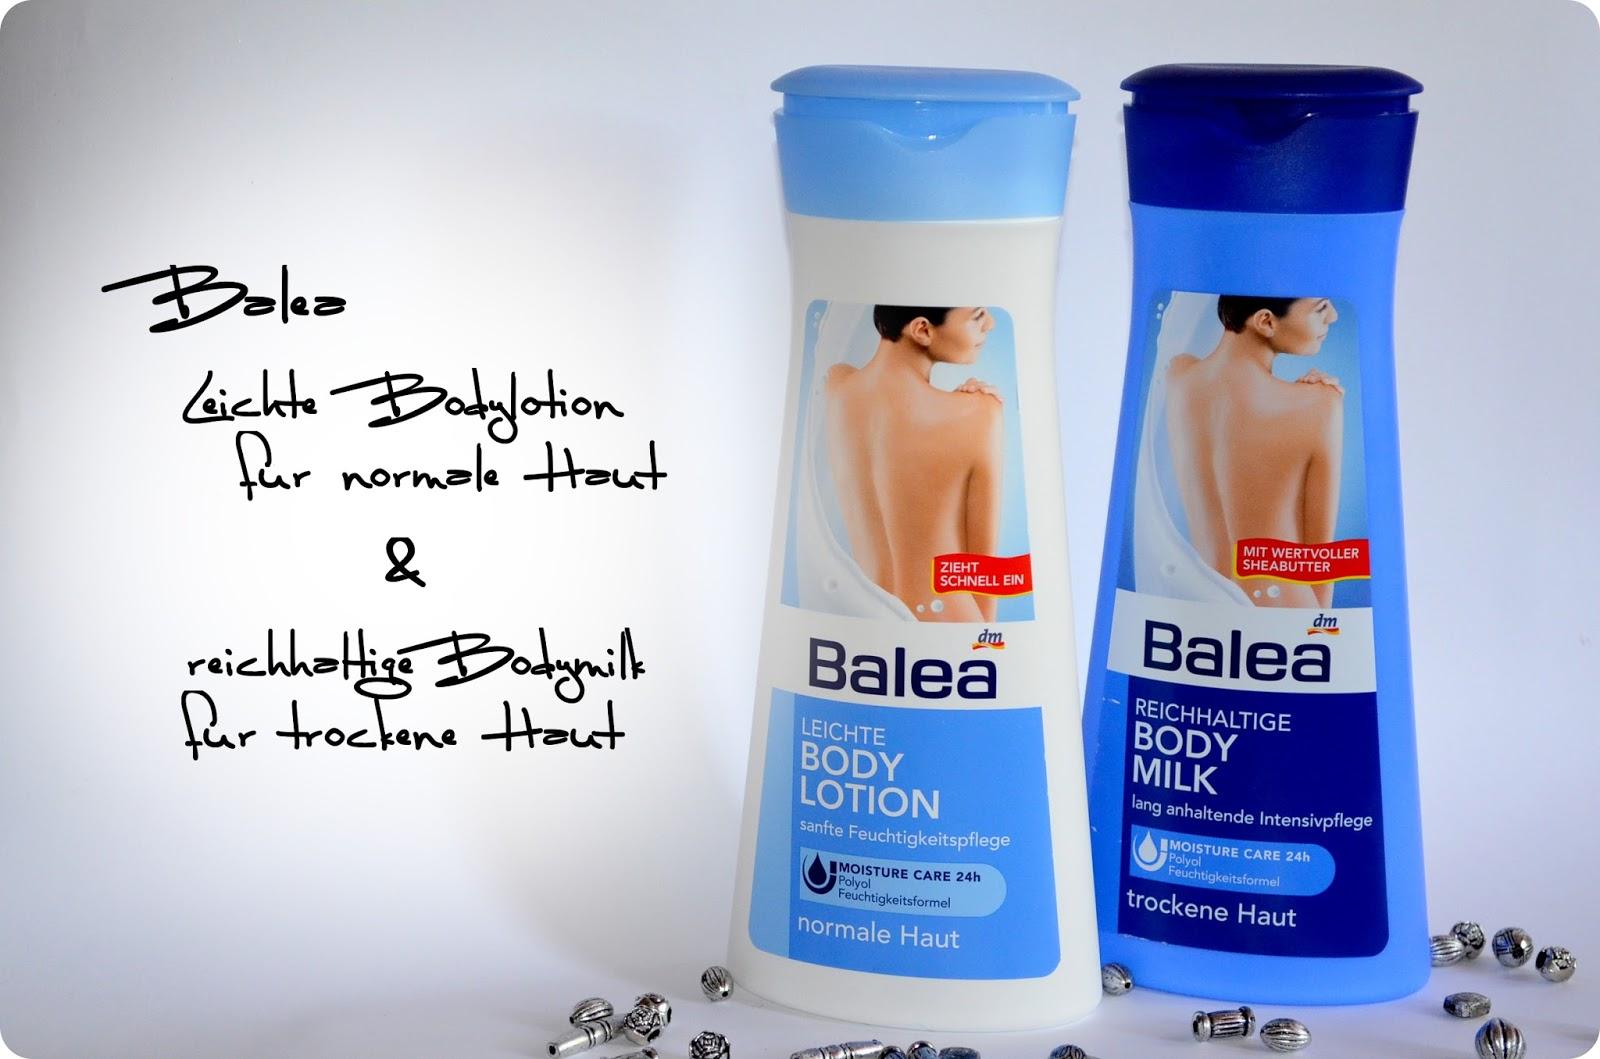 Balea Bodymilk und Bodylotion - alles auf einen Blick